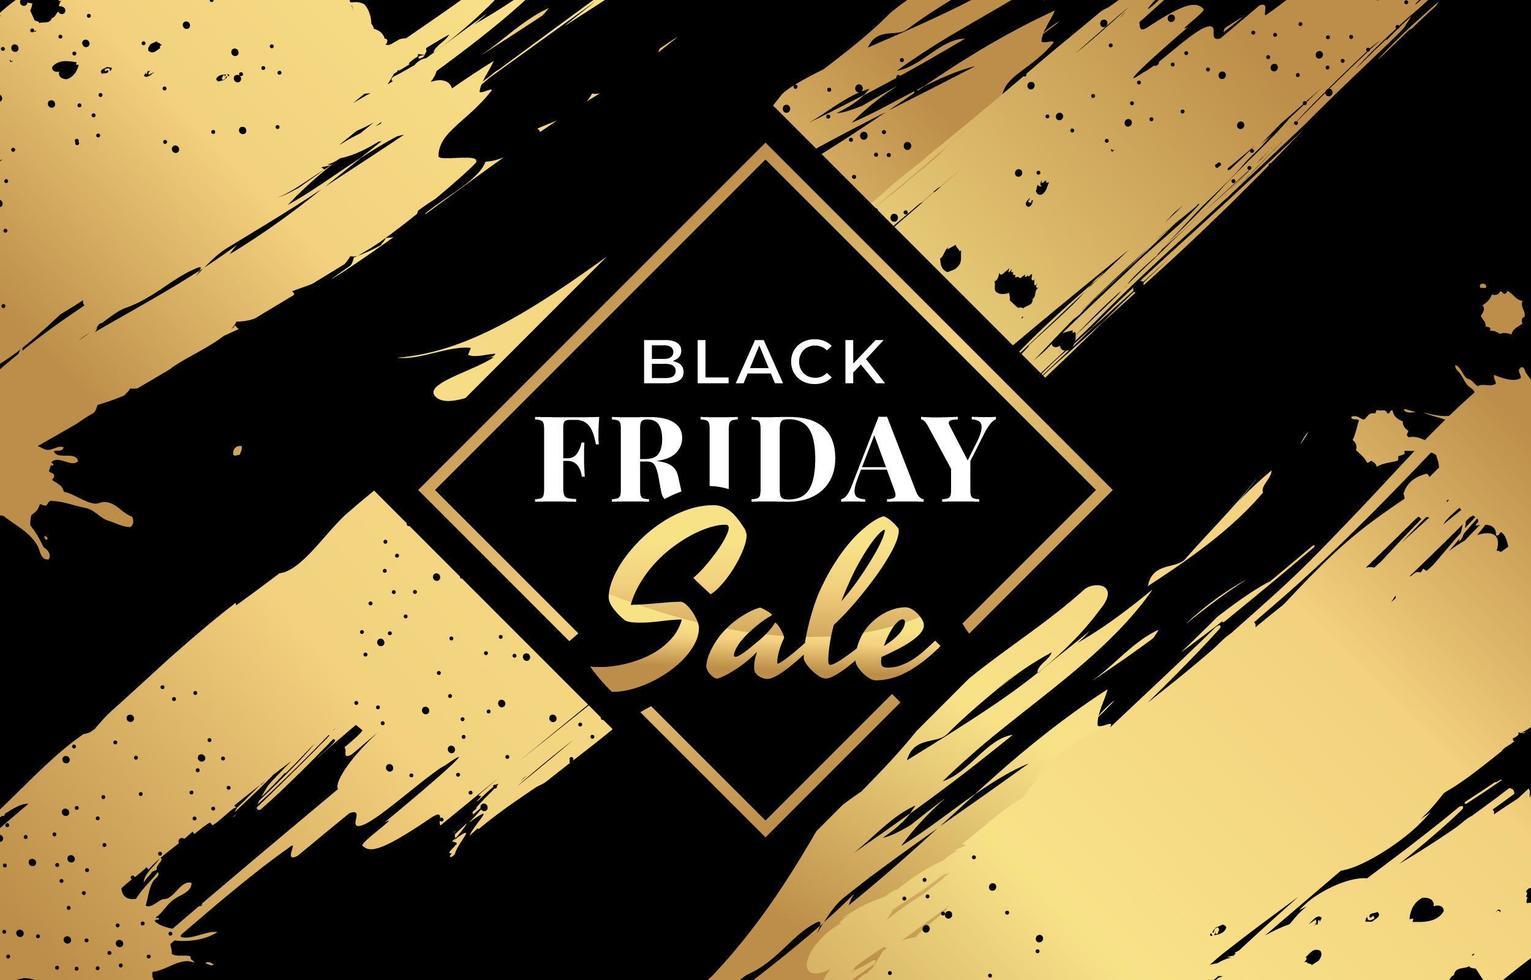 estética preta e dourada para liquidação na sexta-feira negra vetor